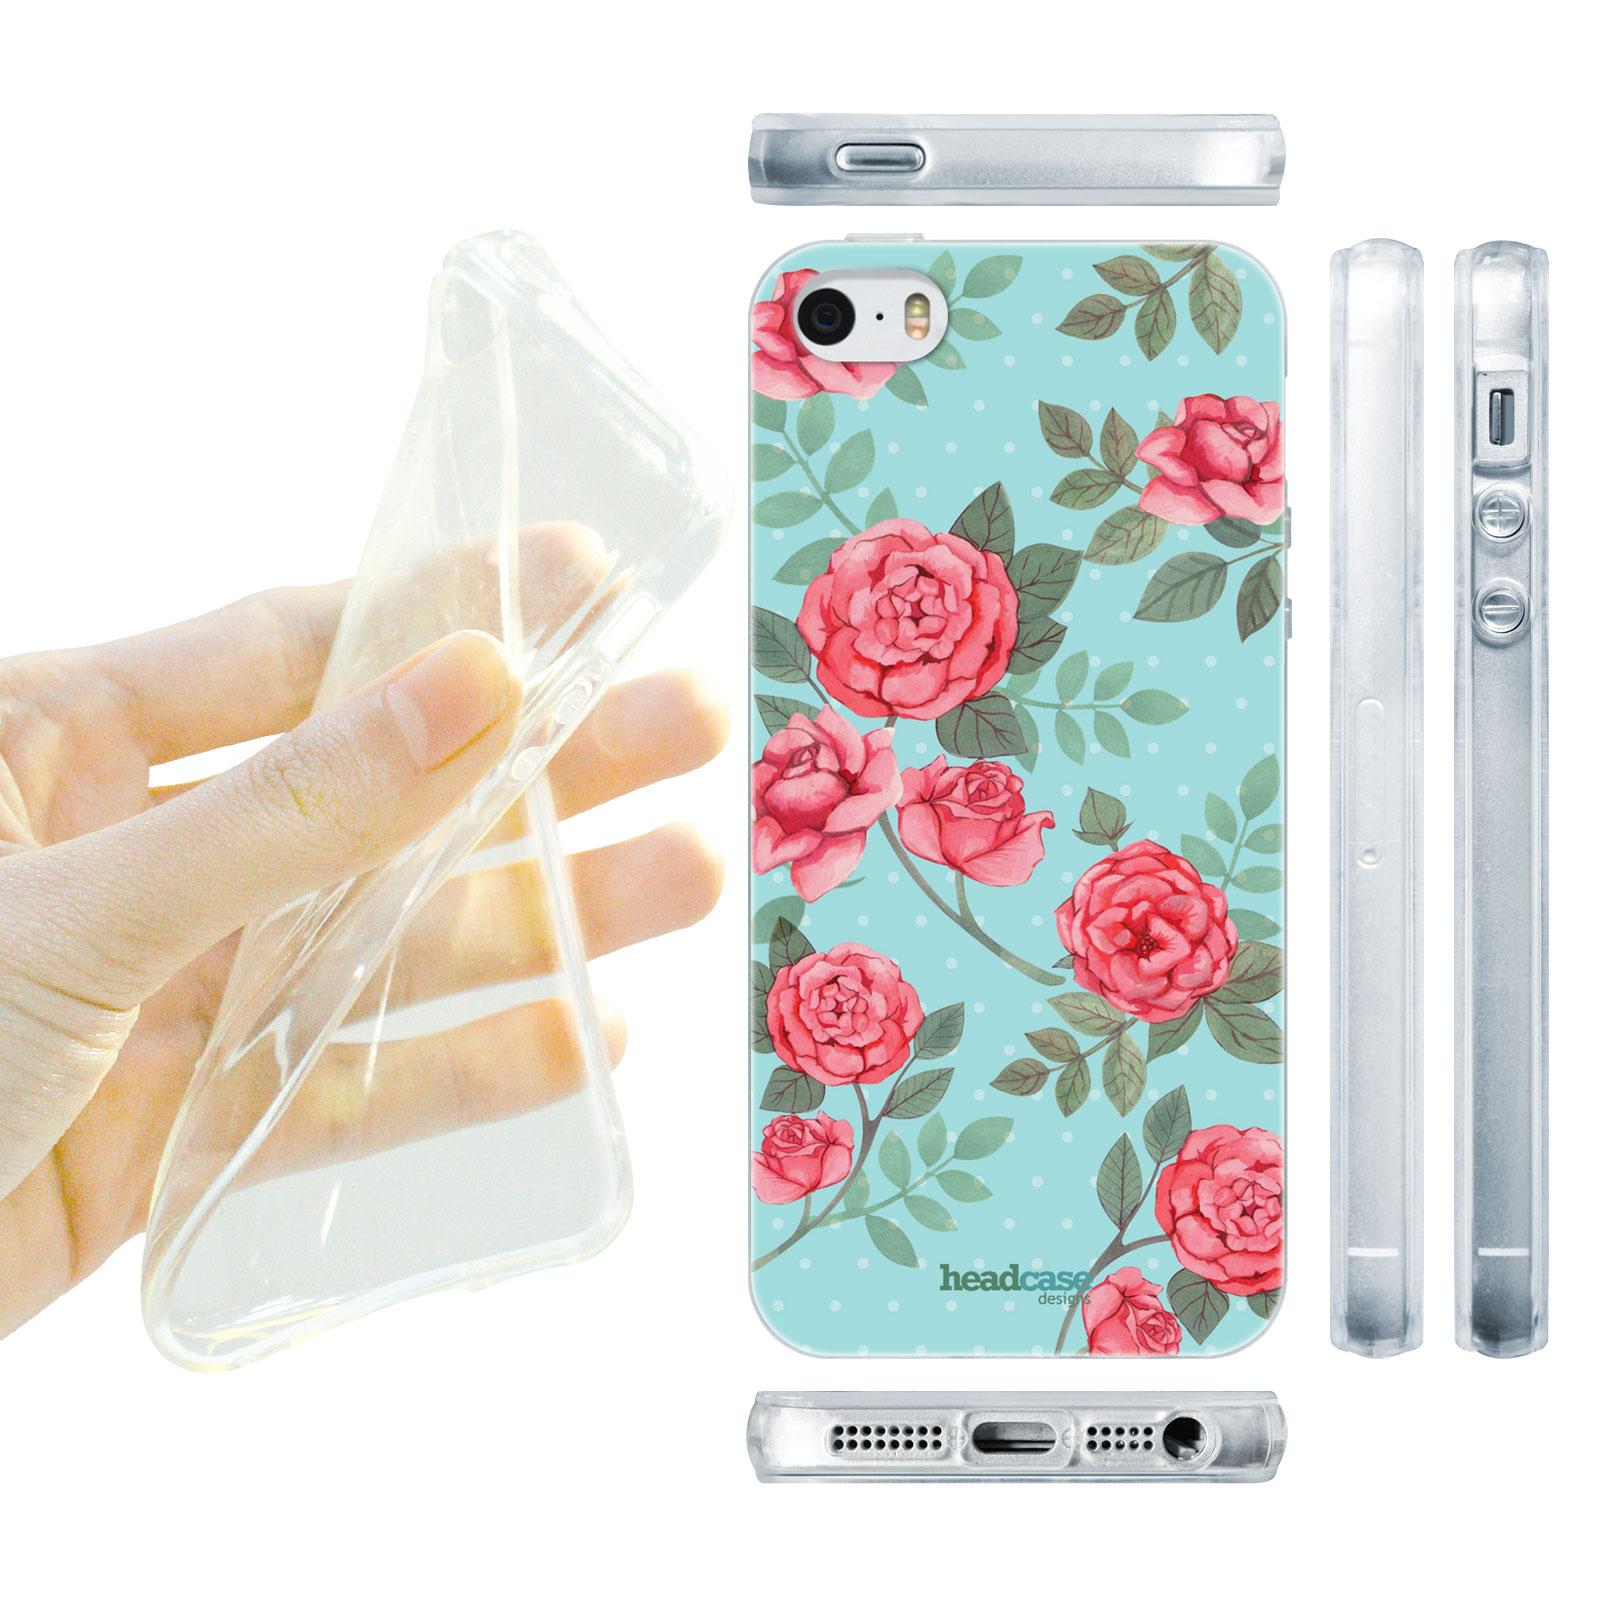 HEAD CASE silikonový obal na mobil Iphone 5 5S květinový motiv anglické  růže empty 587e214a204